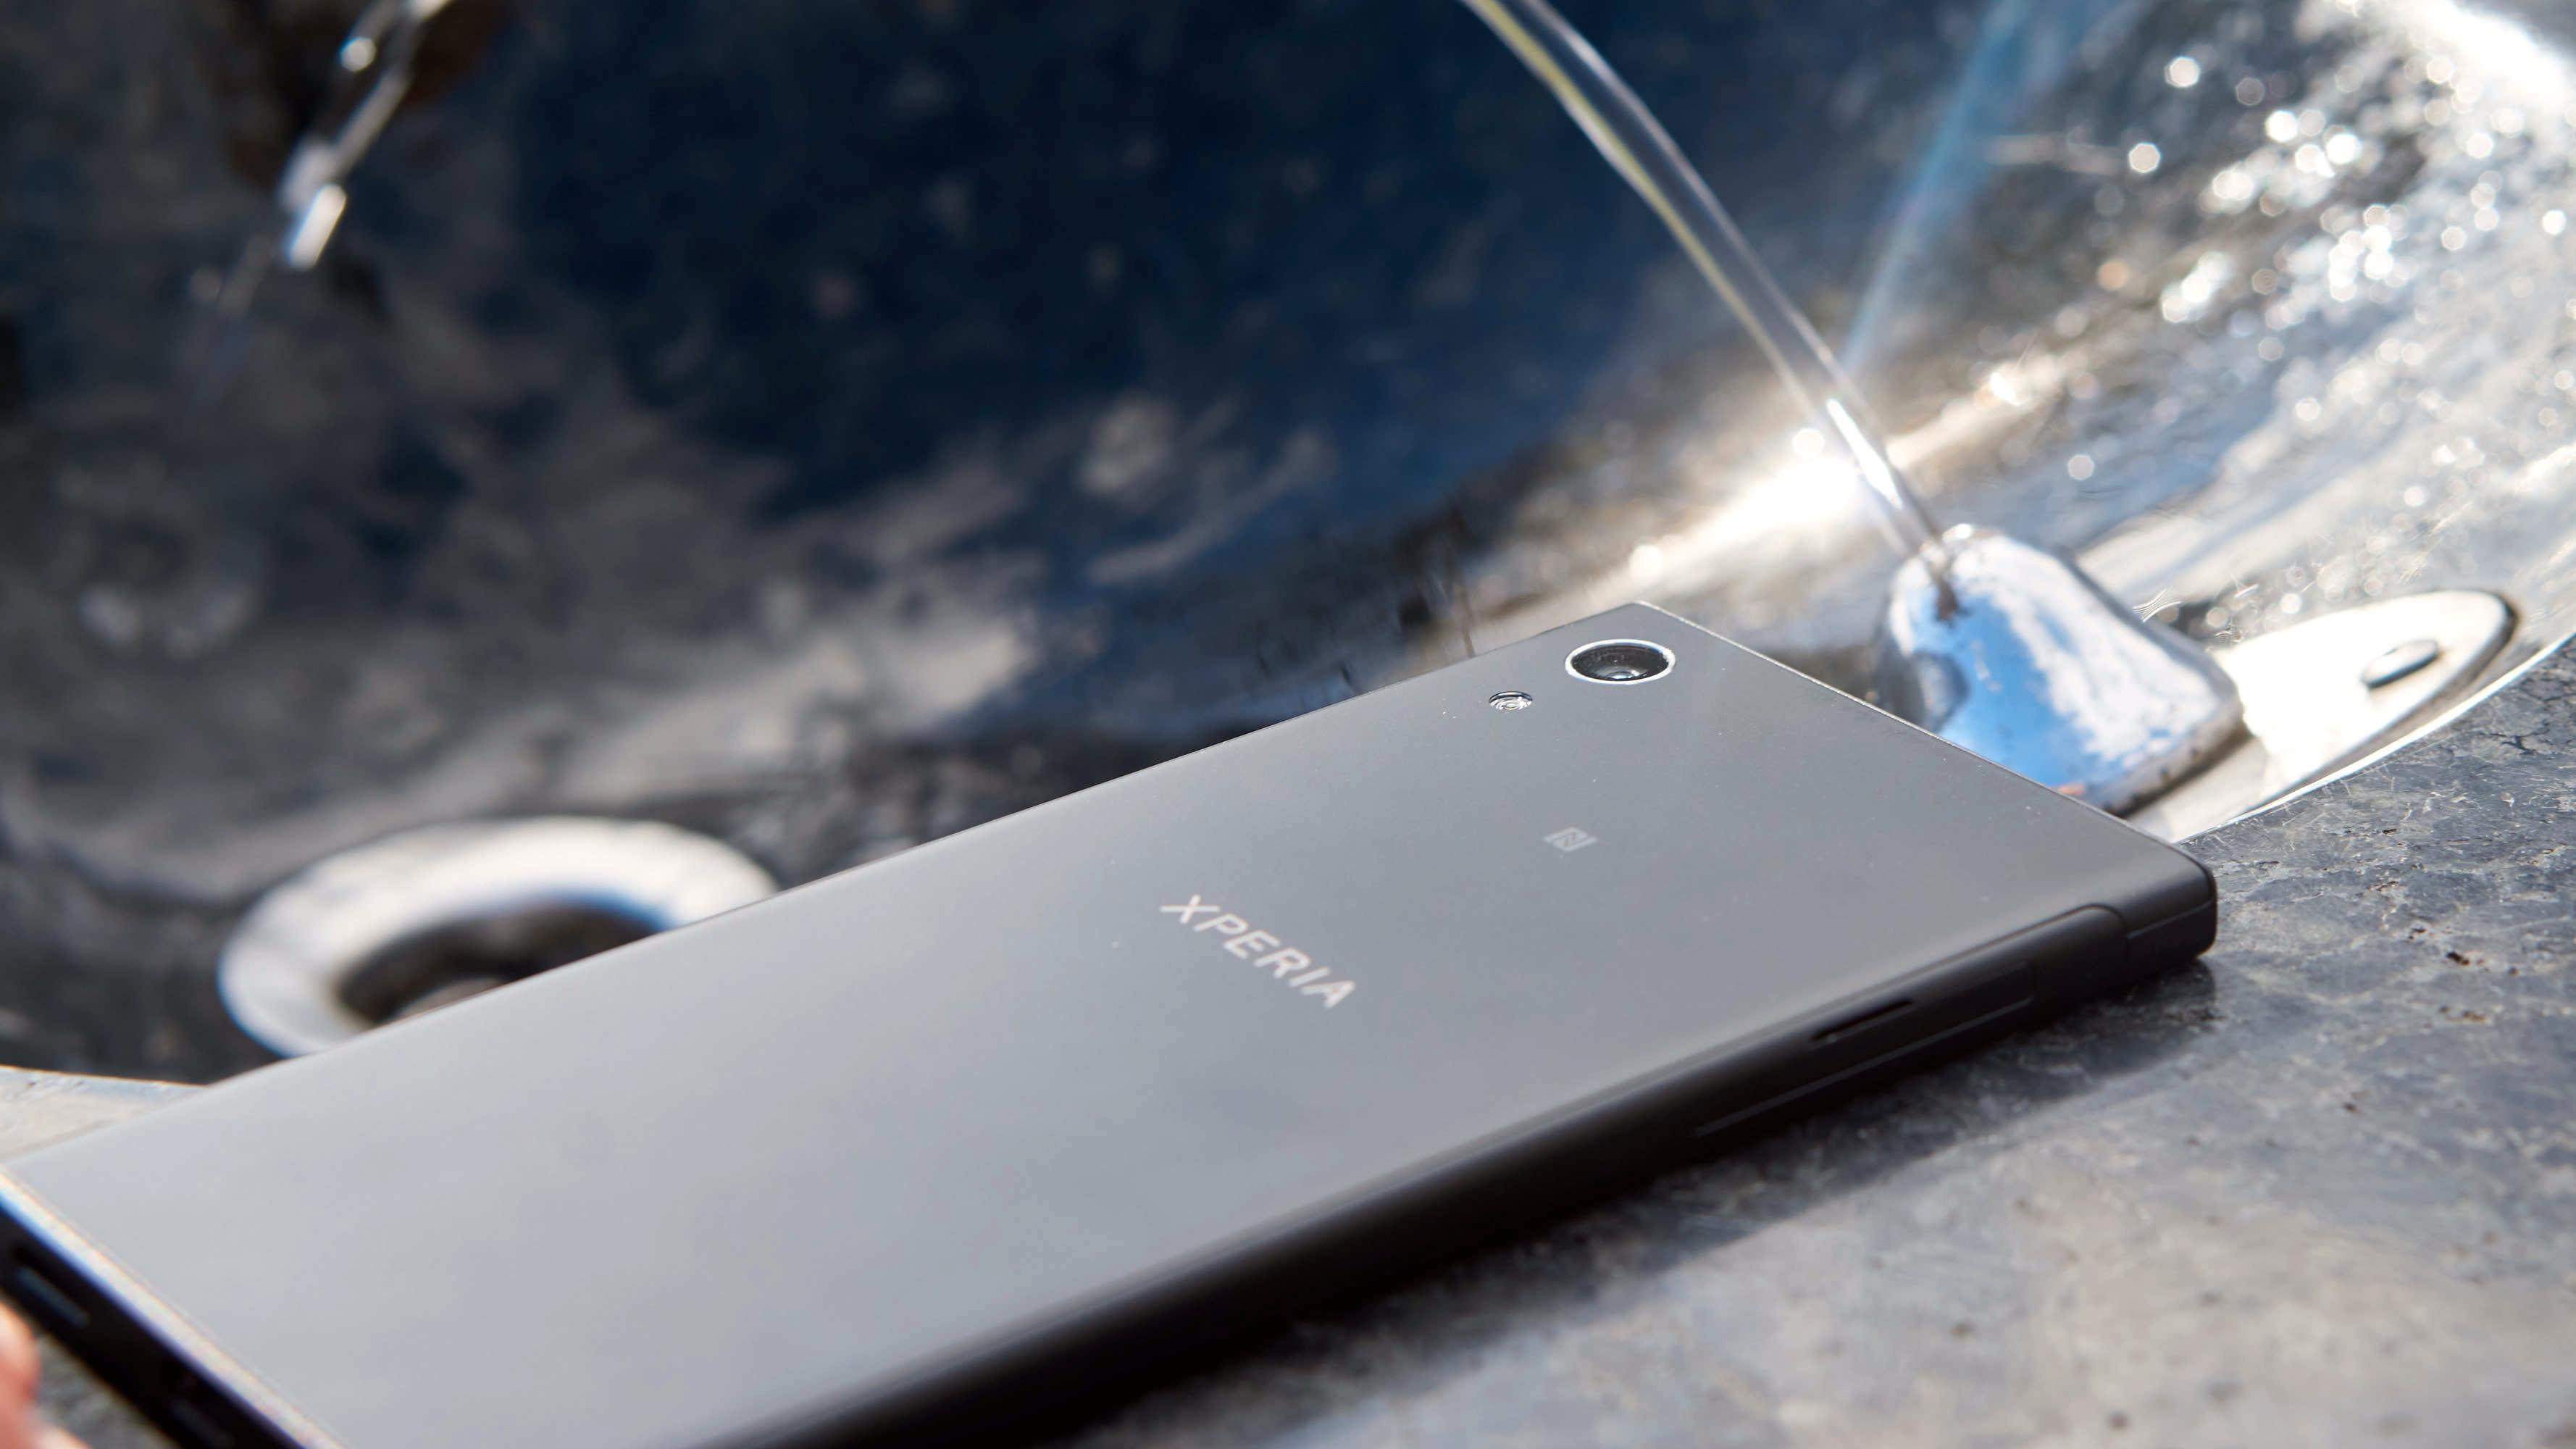 Nei, for 3 000 kroner får du ikke vanntett Sony-mobil. Det du får, er derimot MYE urent trav.